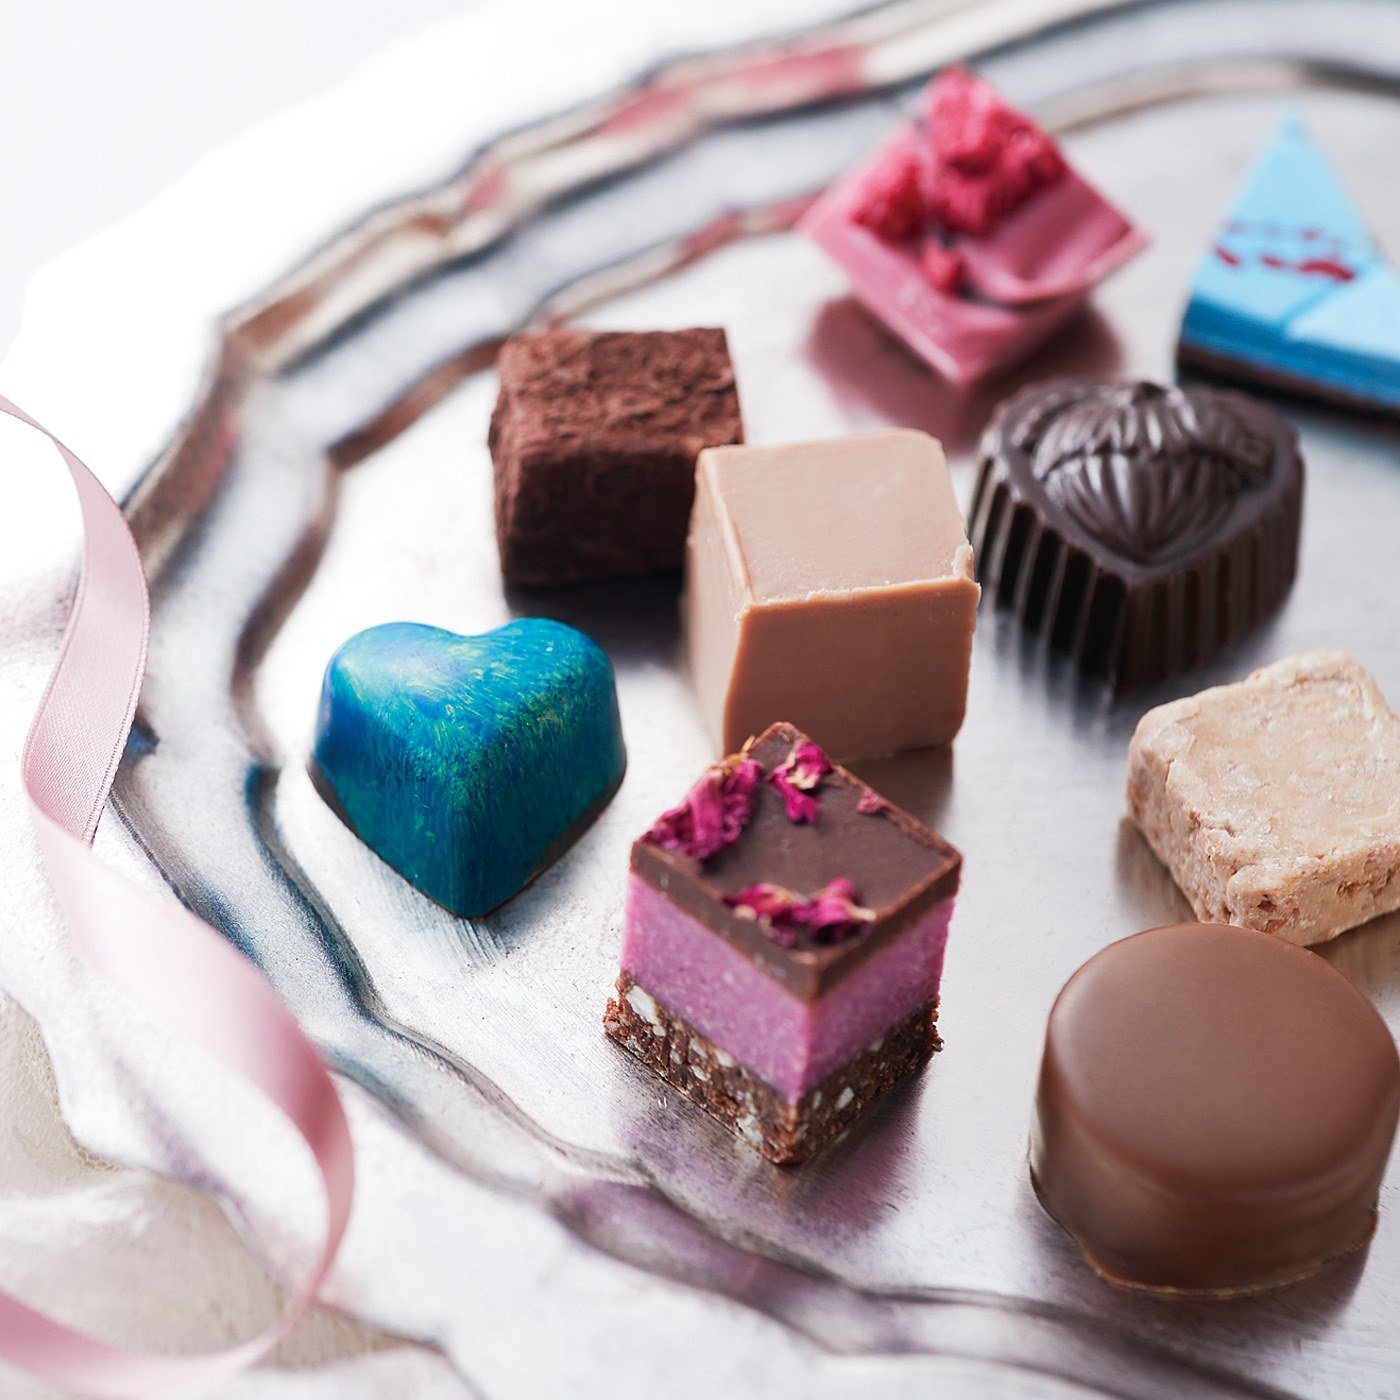 幸福のチョコレート講座 試食チョコセット(9粒入り) 〈人気ランキングコース〉